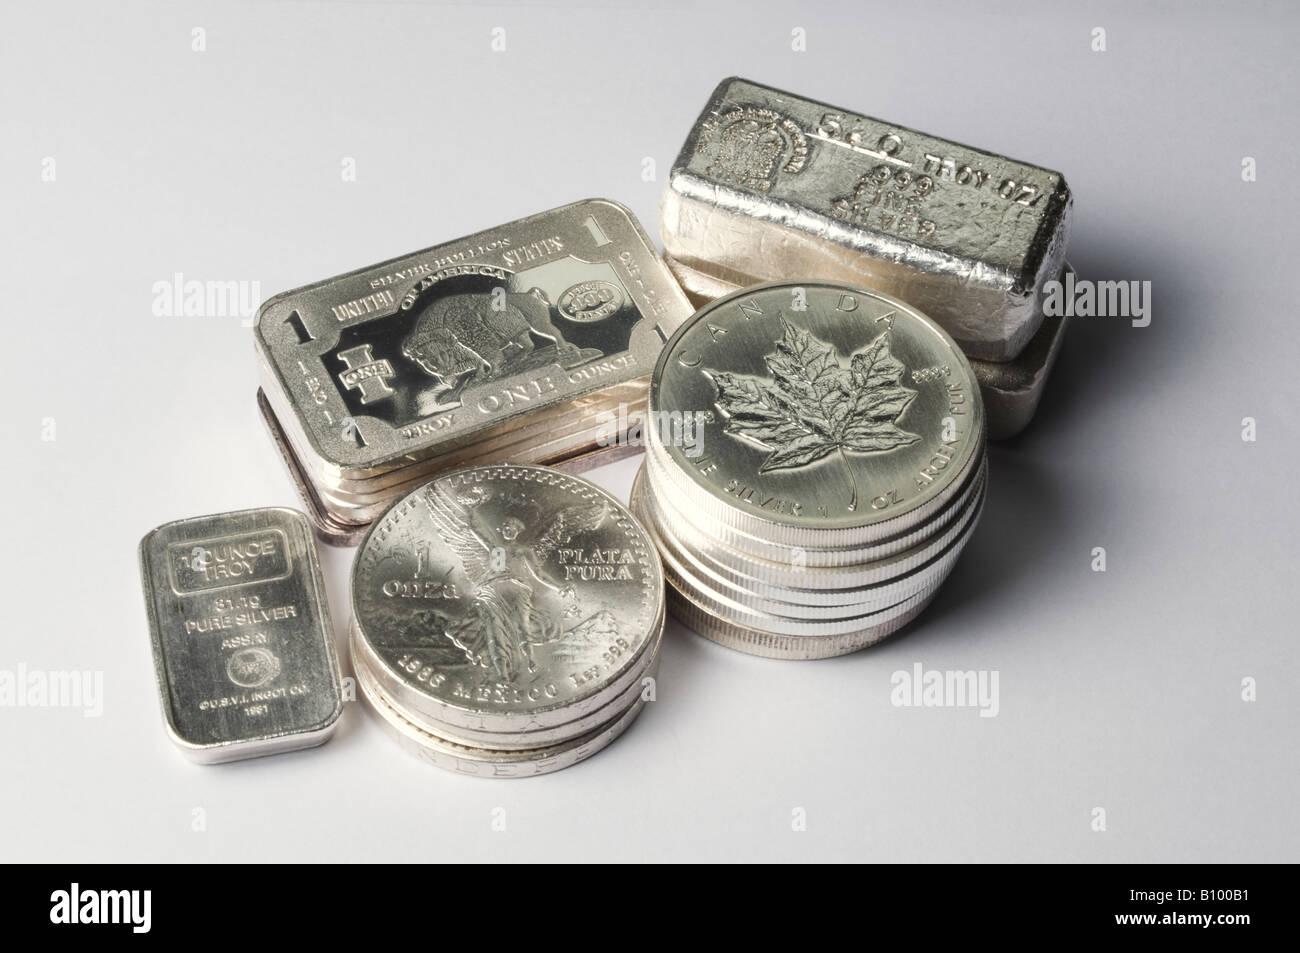 Silberbarren In Bars Münzen Und Barren Stockfoto Bild 17825333